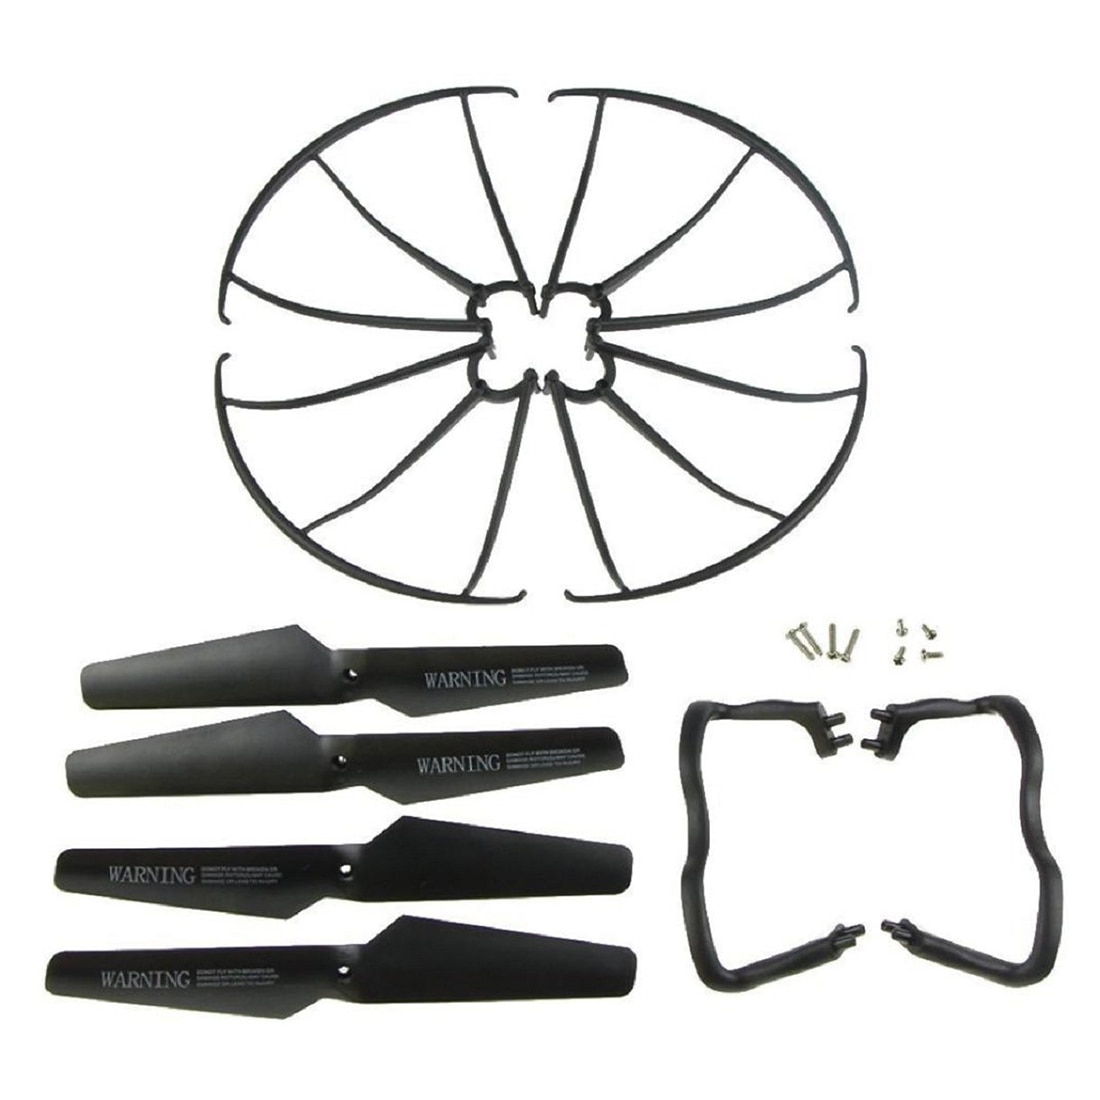 Pack de 5 patines de aterrizaje Syma X5 X5C X5C-1 + hélice de hoja + protectores de hélice juego de repuesto negro